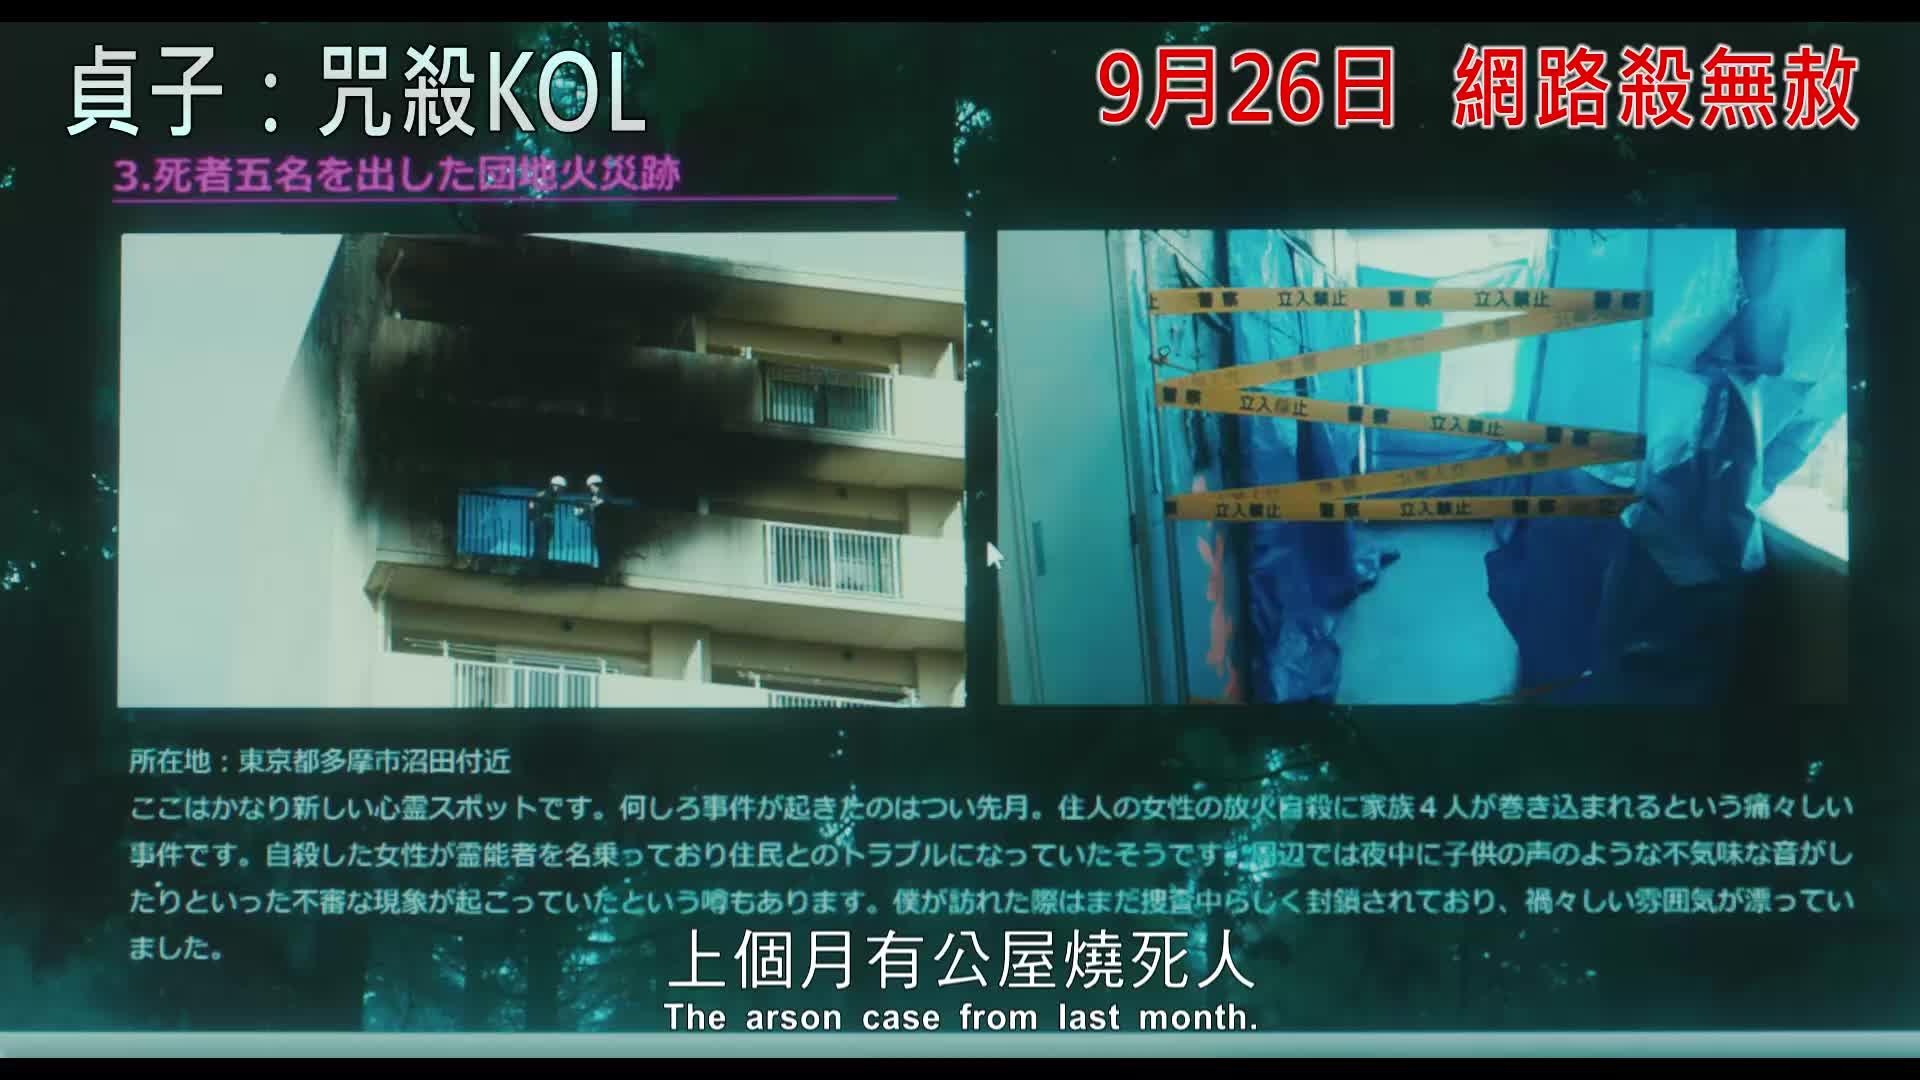 《貞子:咒殺KOL》電影預告